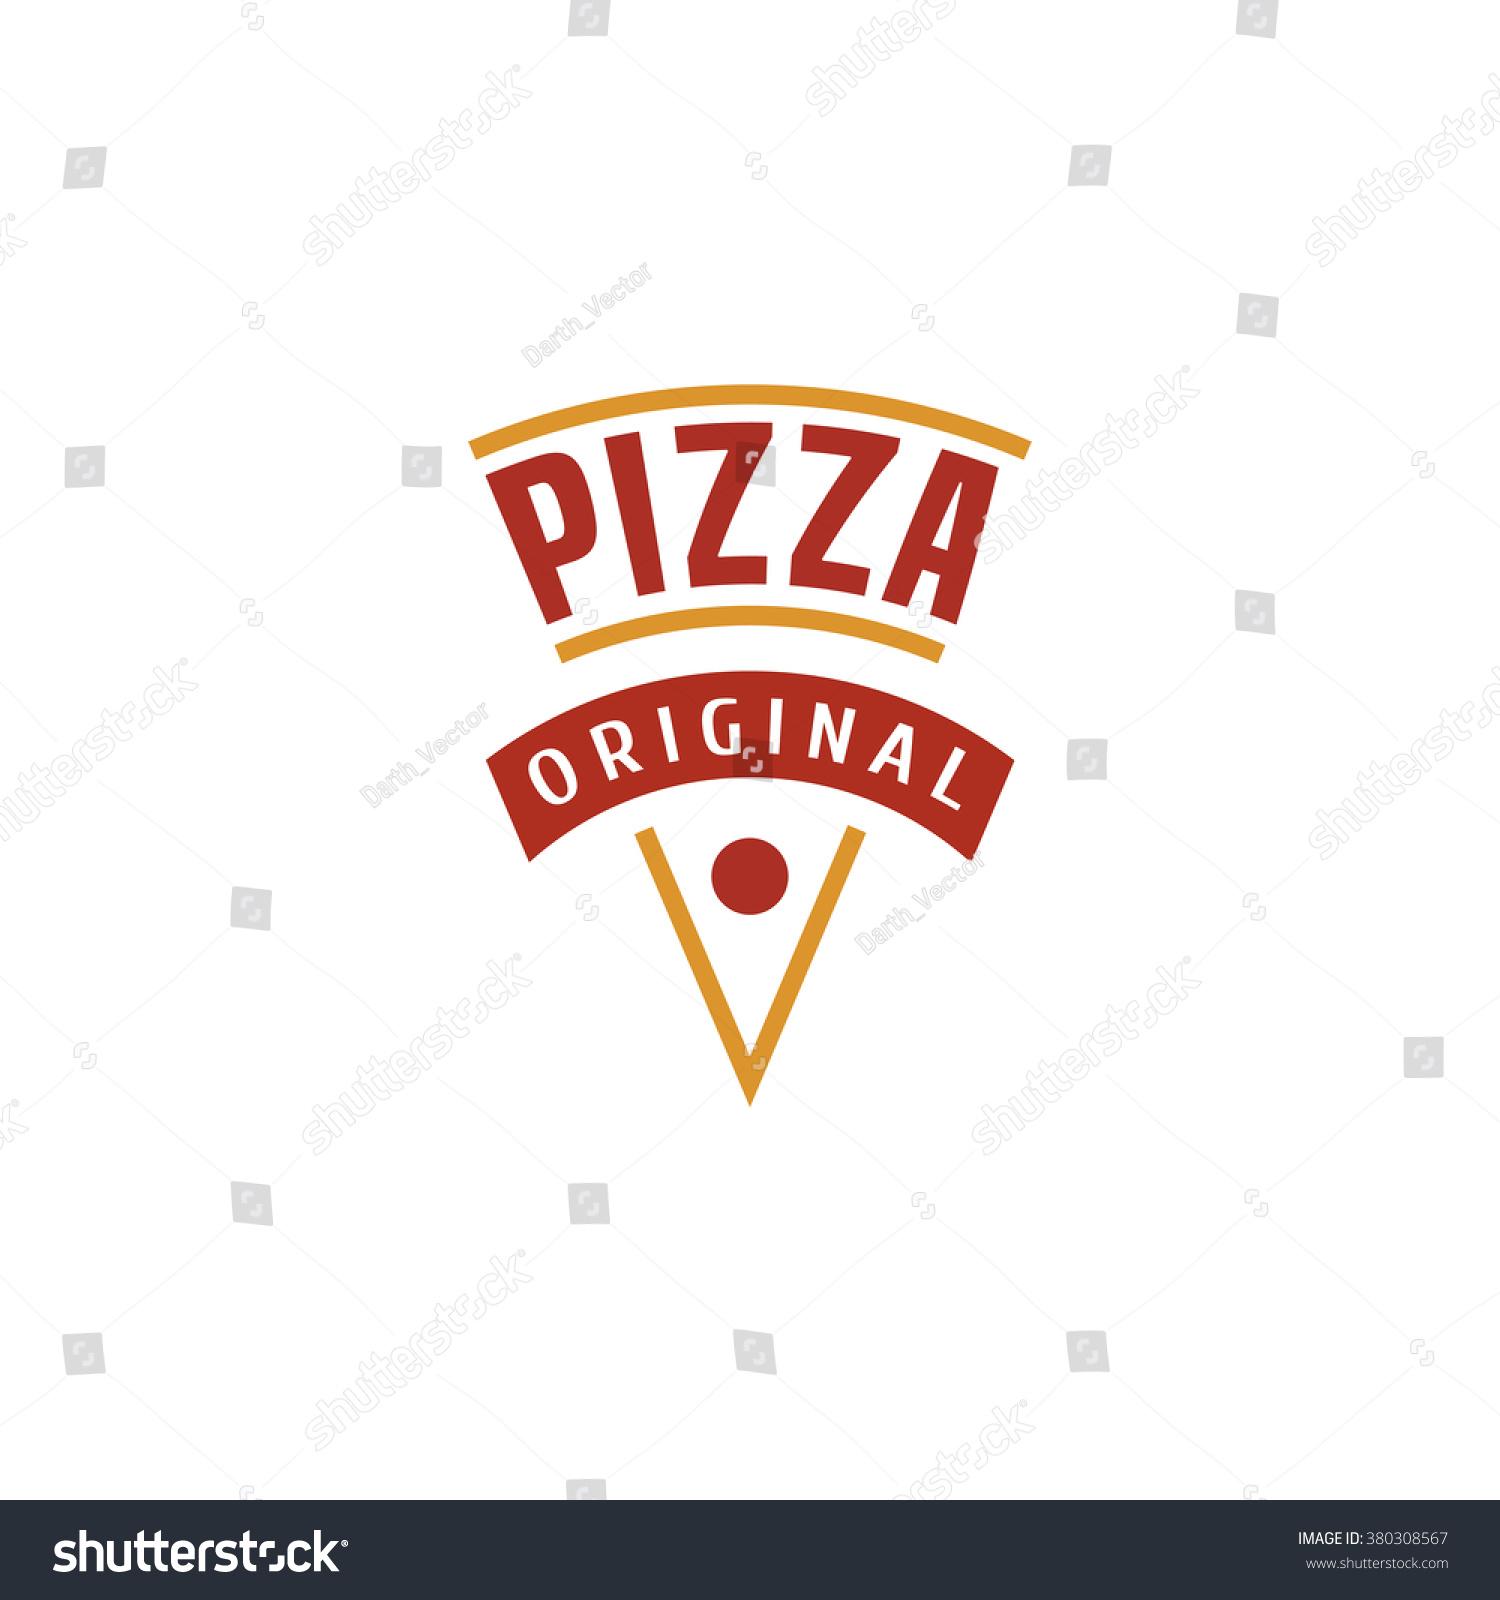 Pizza pizzeria vector logo icon symbol stock vector for Pizza pizzeria